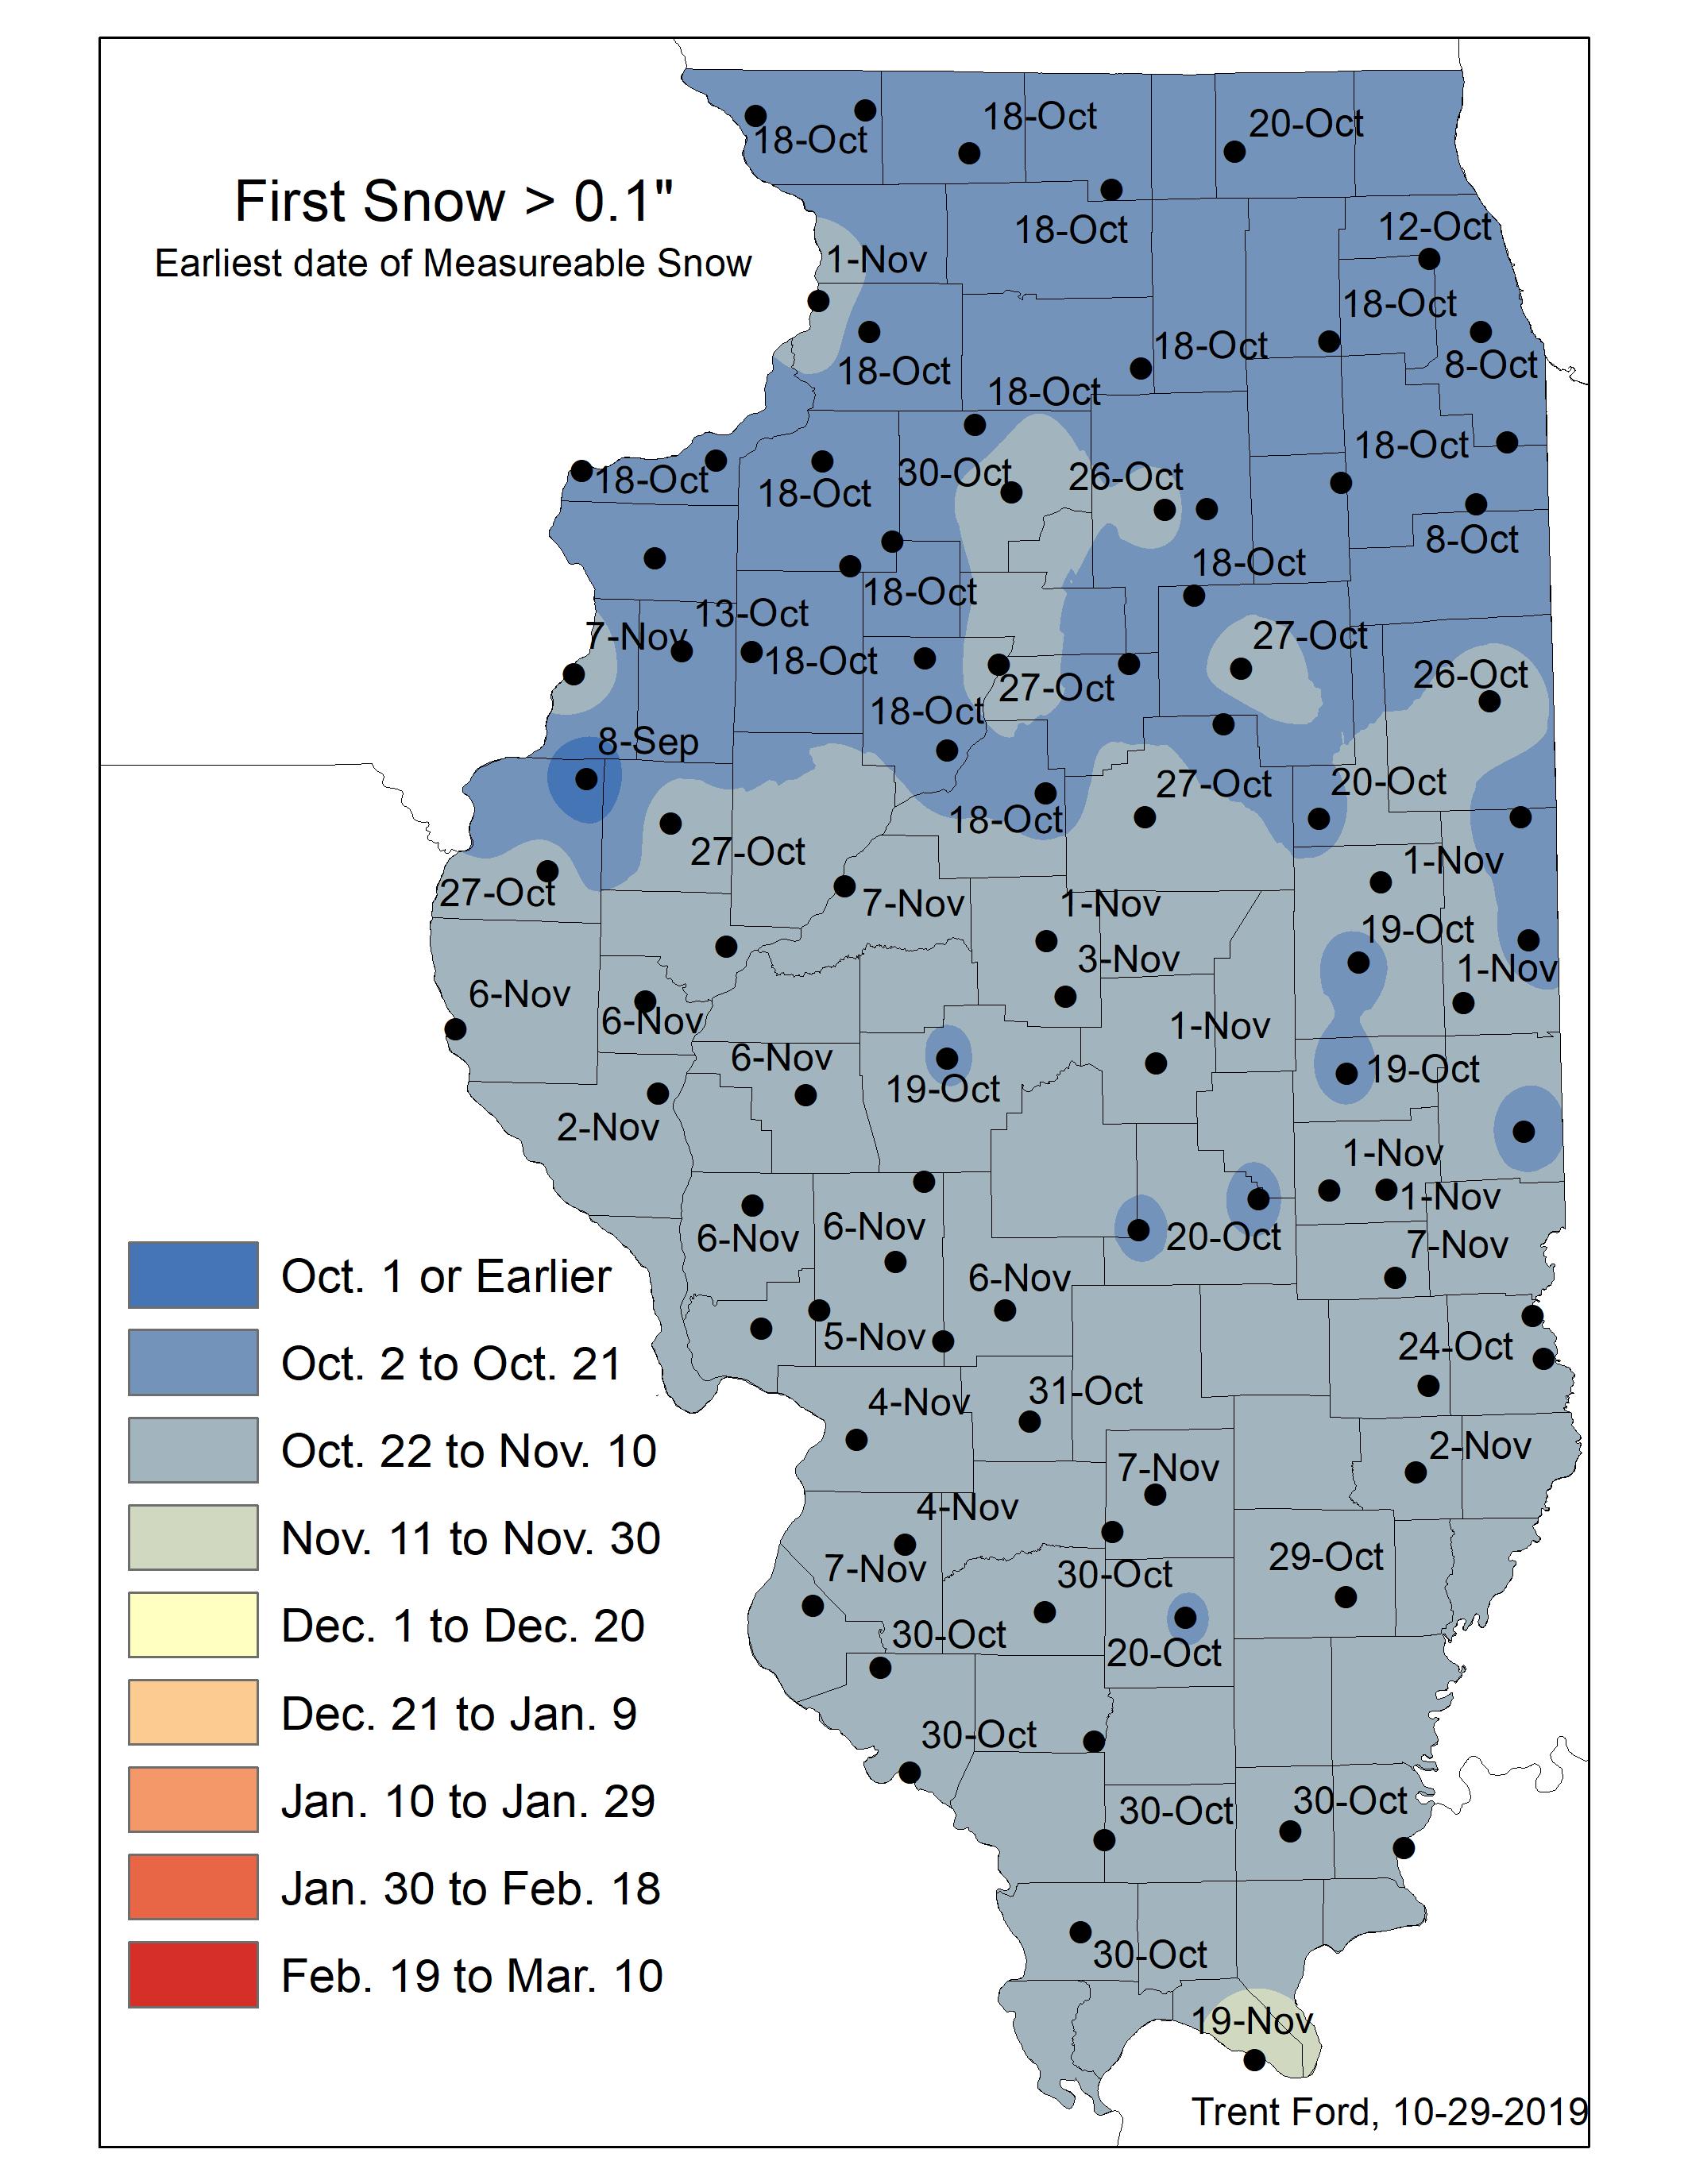 Wetten voor dating Minors in Michigan